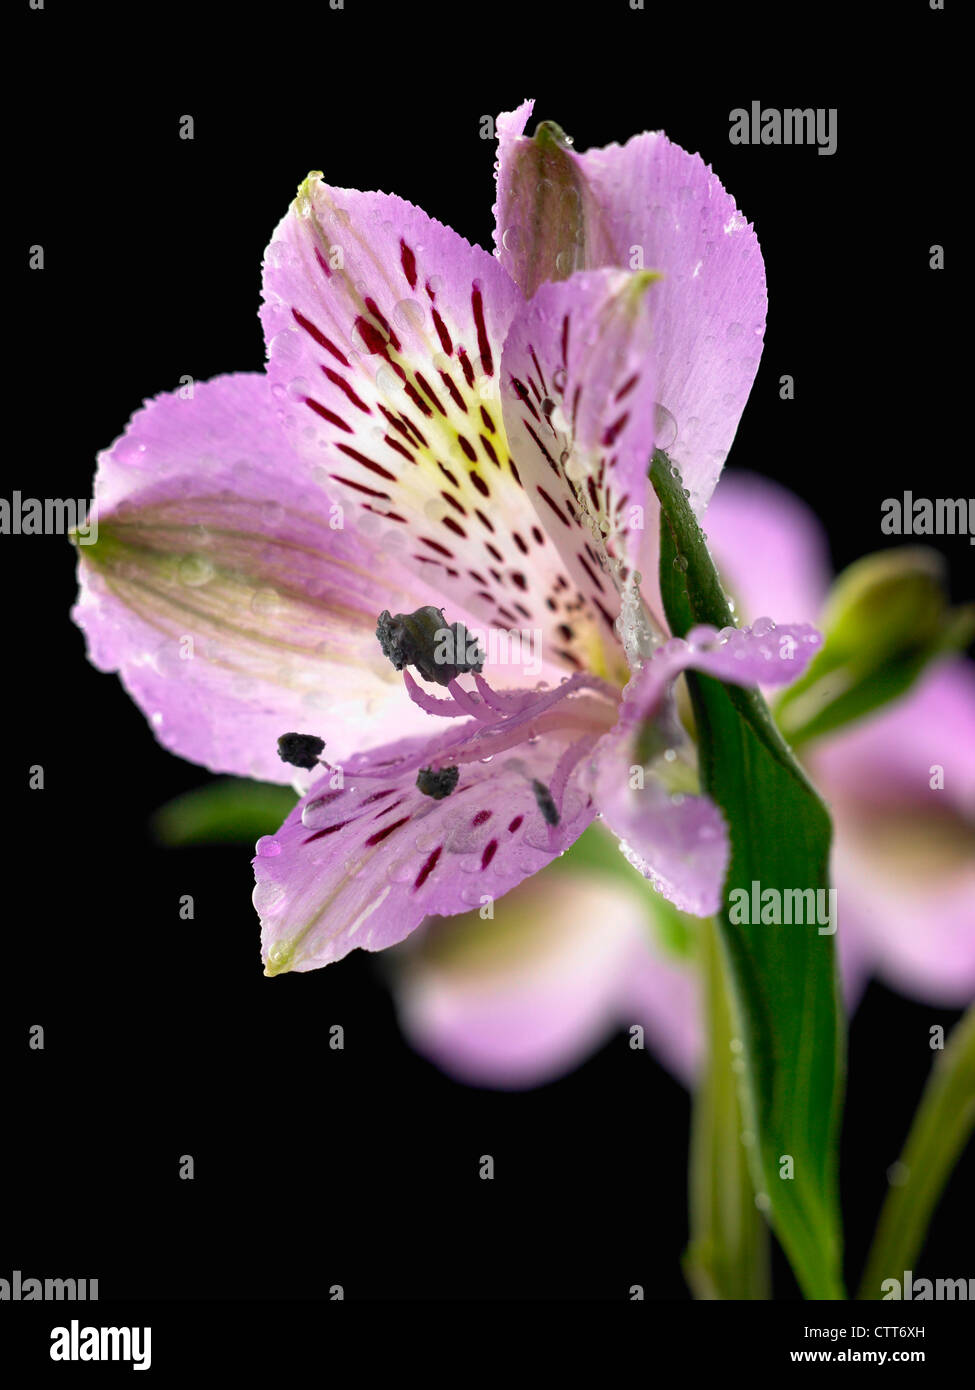 Alstroemeria cultivar alstroemeria peruvian lily purple black alstroemeria cultivar alstroemeria peruvian lily purple black izmirmasajfo Gallery